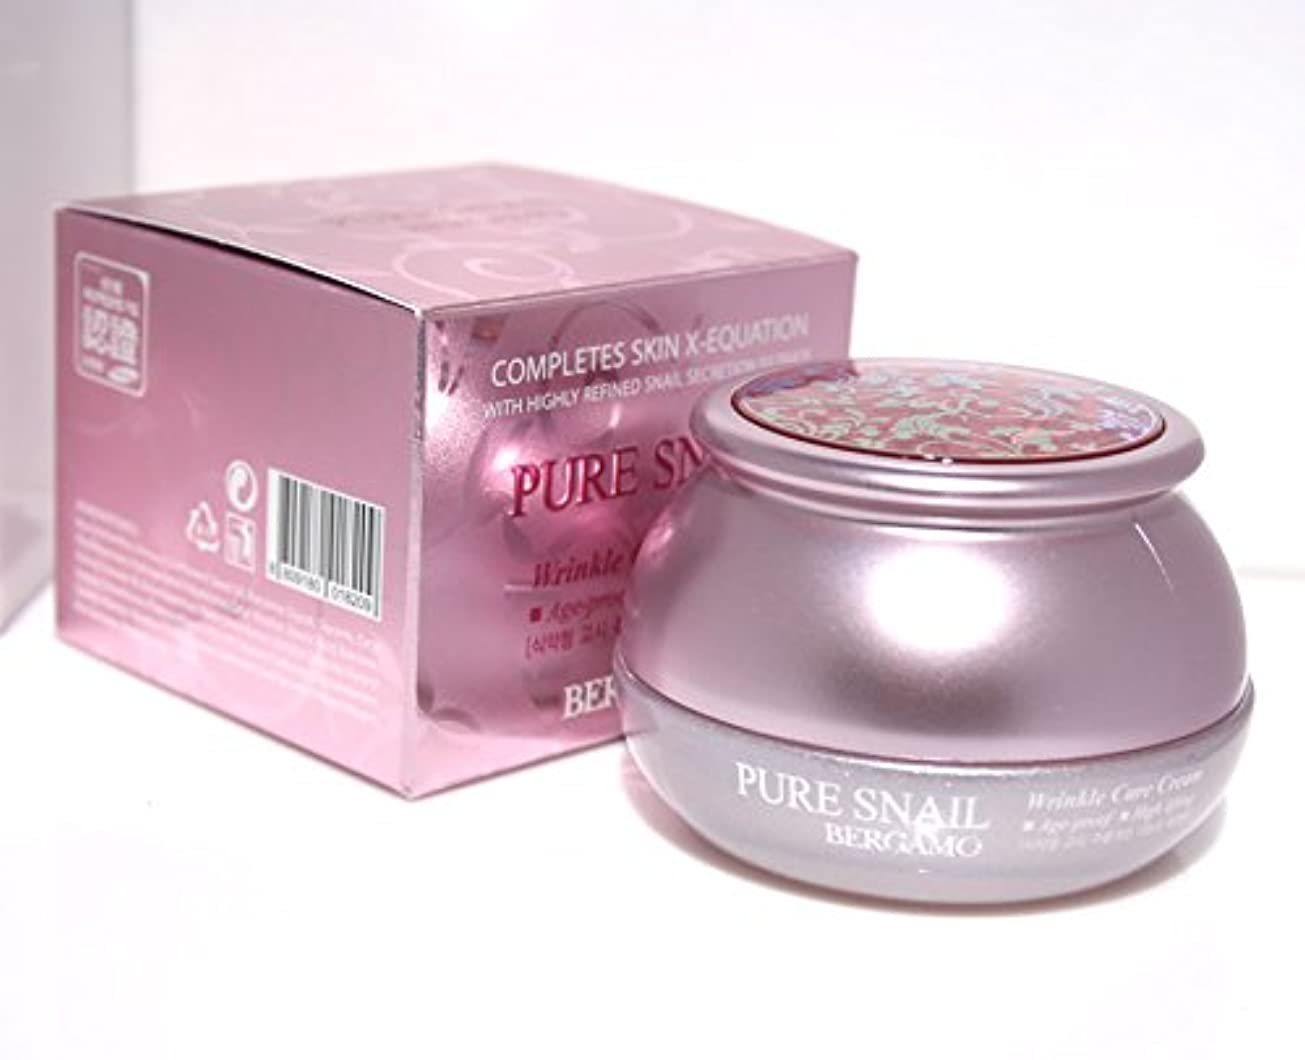 溝文字歌詞【ベルガモ][Bergamo] ピュアカタツムリリンクルケア保湿クリーム50g / Pure Snail Wrinkle Care Moisturizing Cream 50g / 年齢証明、絶頂リフティング / age...